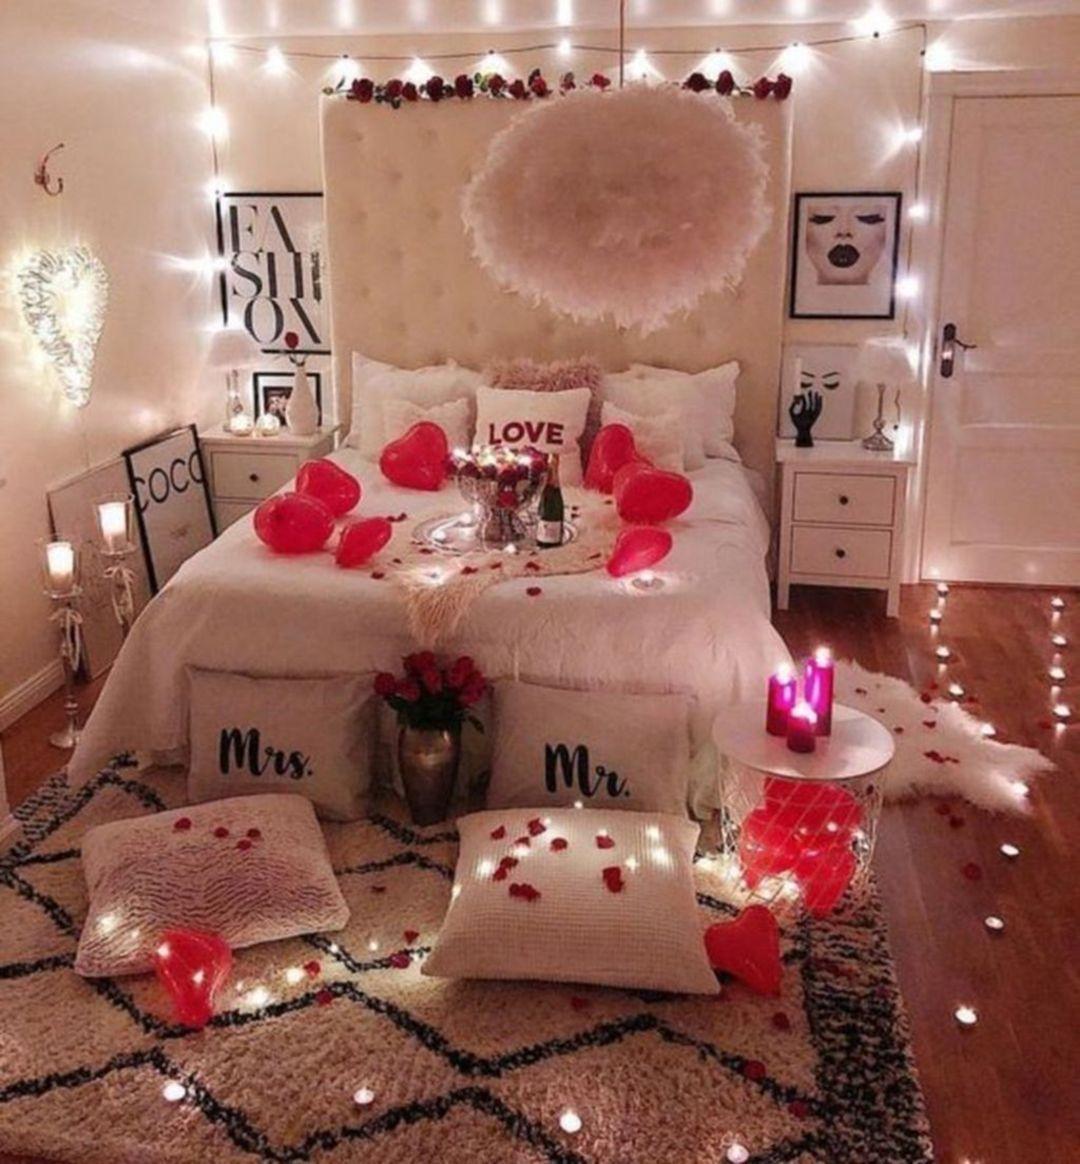 Awesome 10 Romantic Bedroom Ideas On Valentine S In 2020 Romantisches Schlafzimmer Dekor Romantisches Zimmer Coole Schlafzimmer Ideen